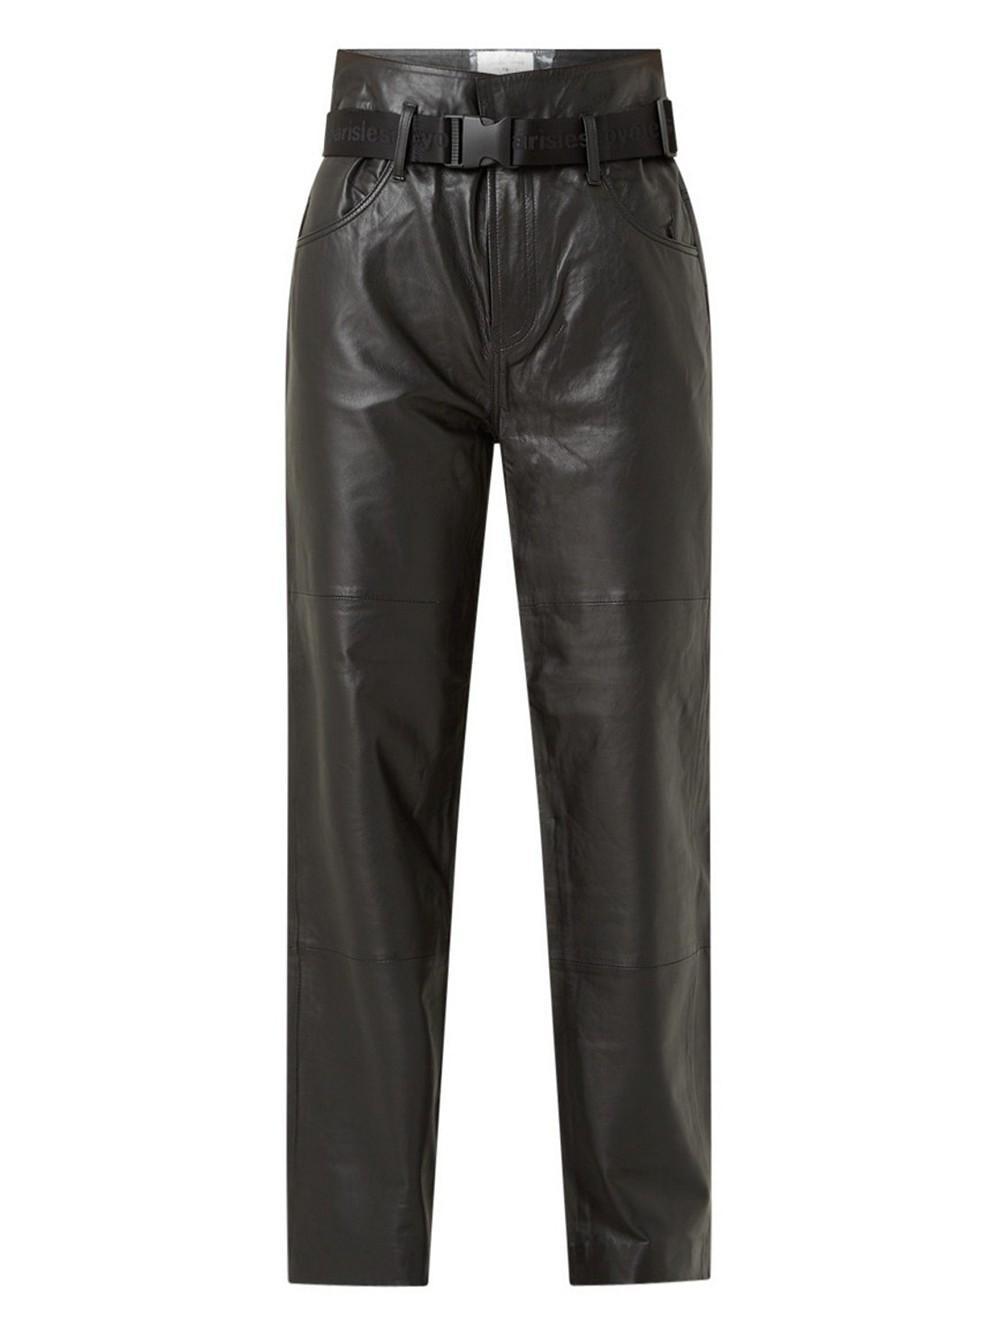 Dawn Paperbag Leather Pant Item # 212-13-055